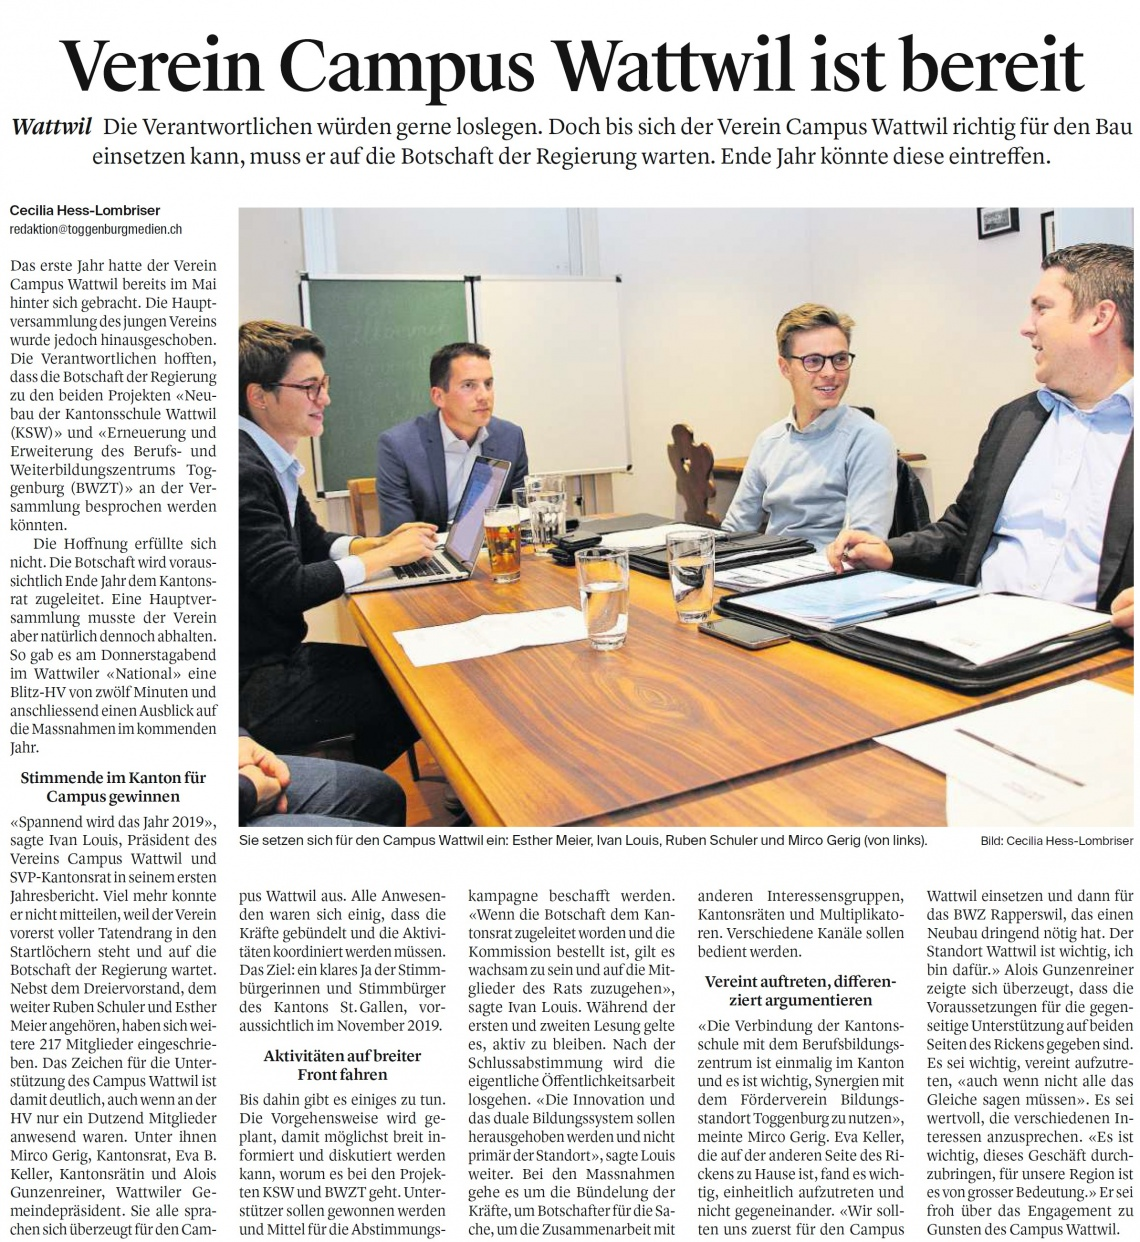 Verein Campus Wattwil ist bereit (Samstag, 06.10.2018)